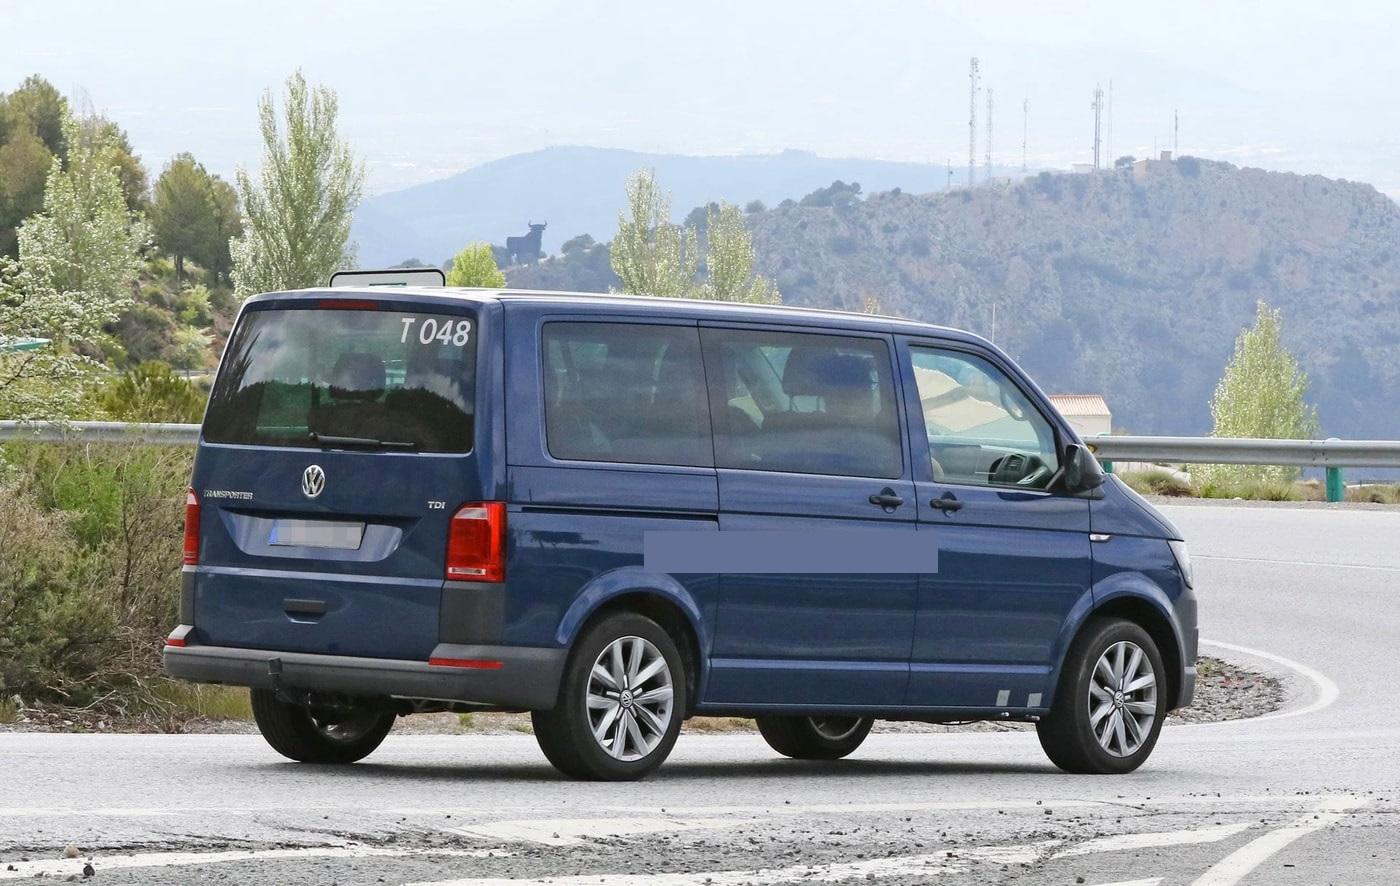 Volkswagen T7 (вид сбоку)